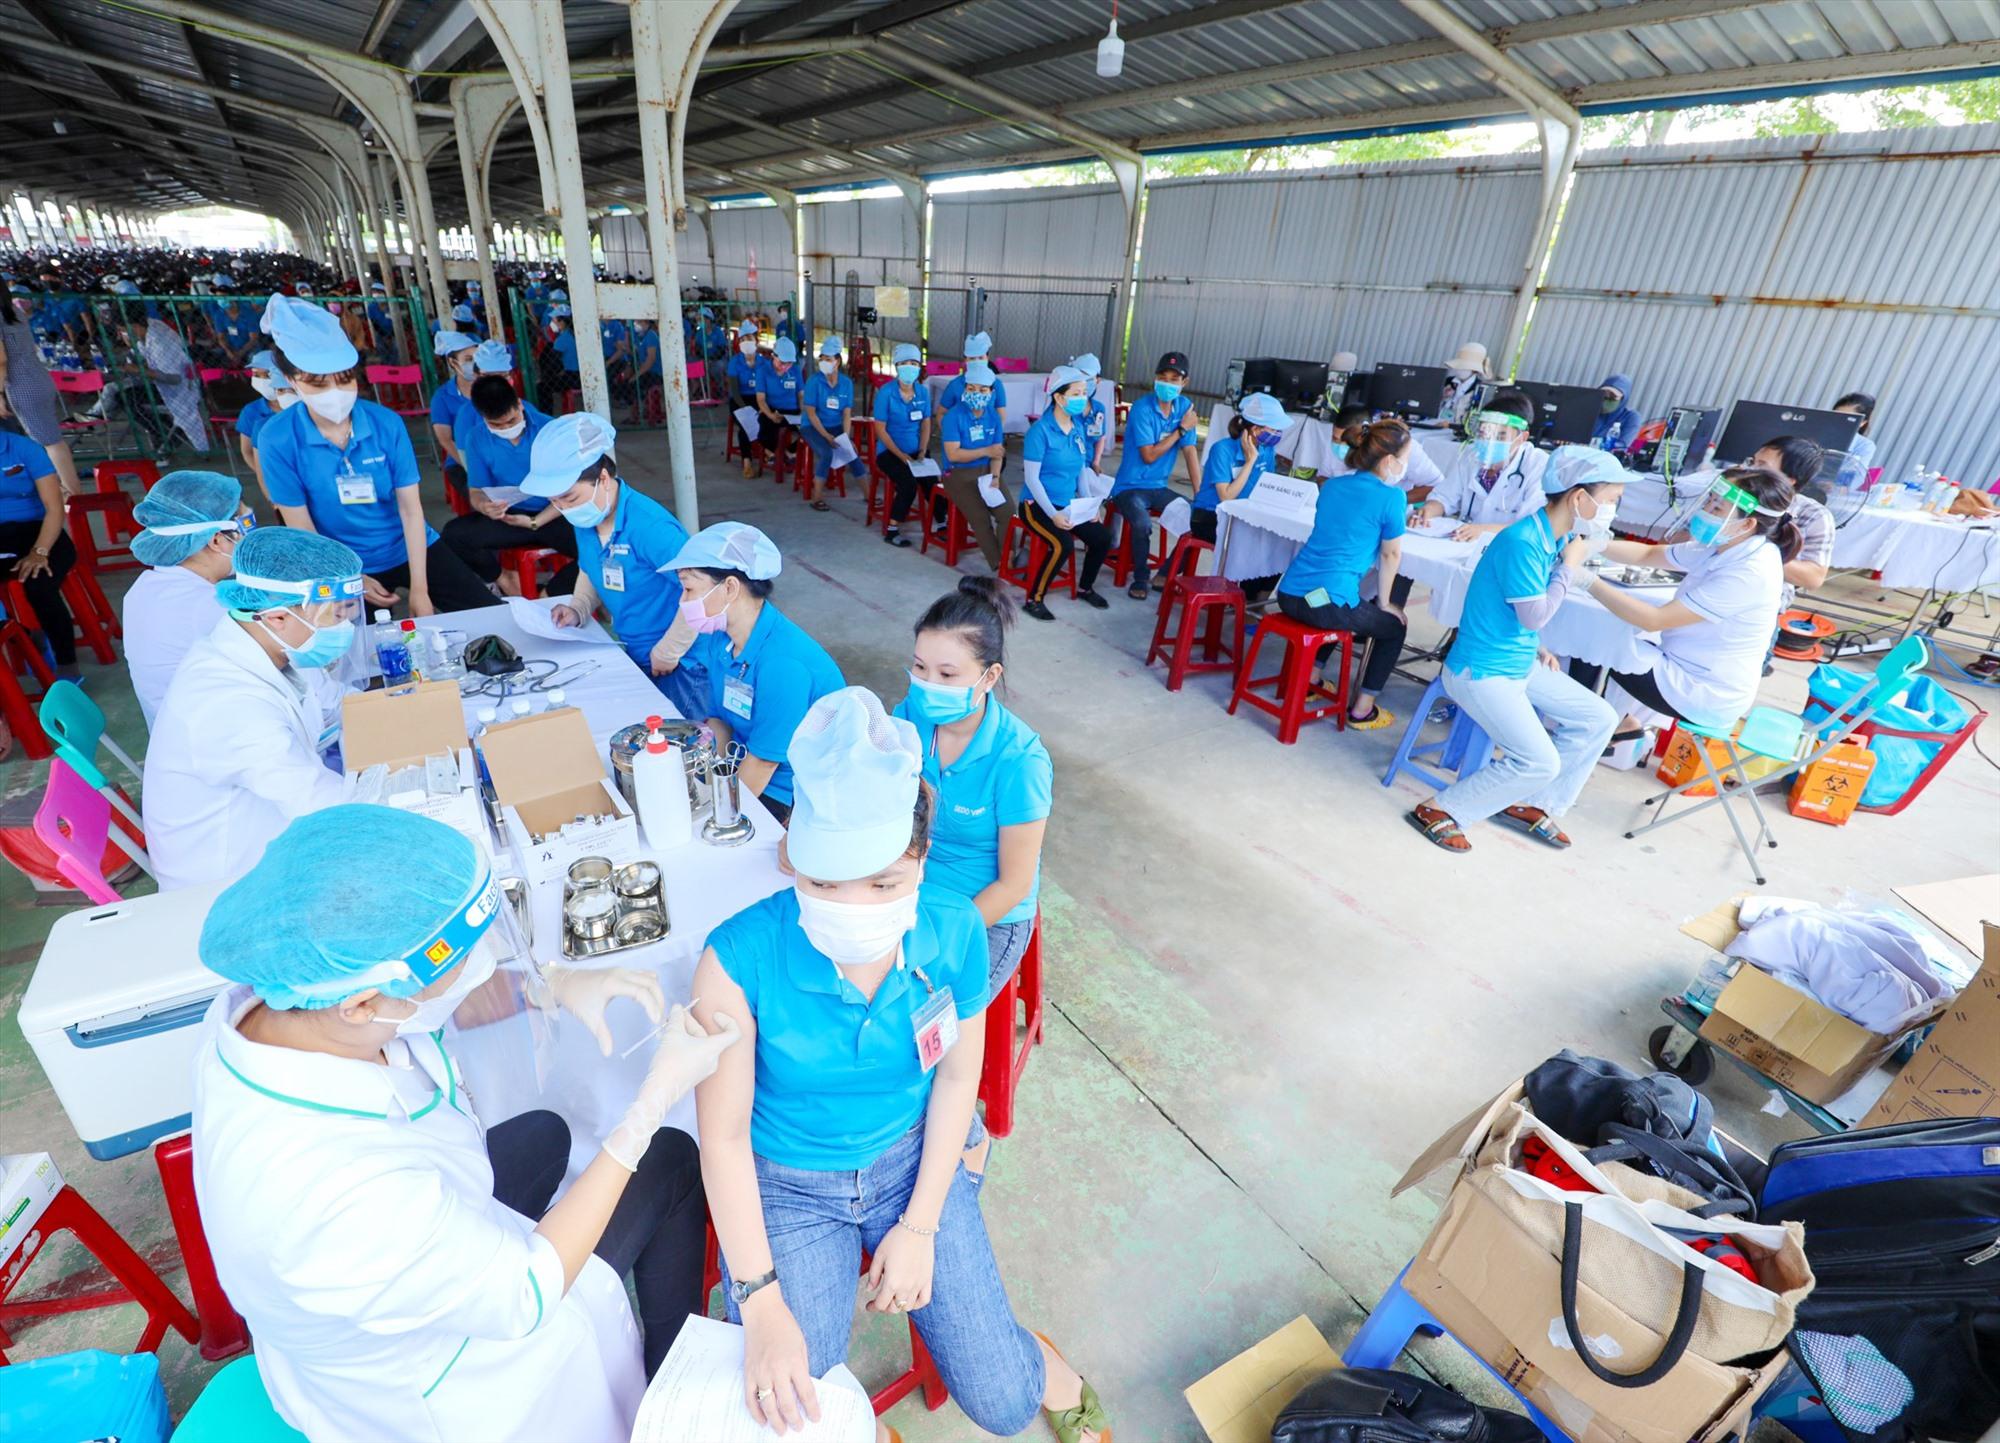 Tiêm chủng ngừa Covid-19 ở Quảng Nam. Ảnh: LÊ TRỌNG KHANG